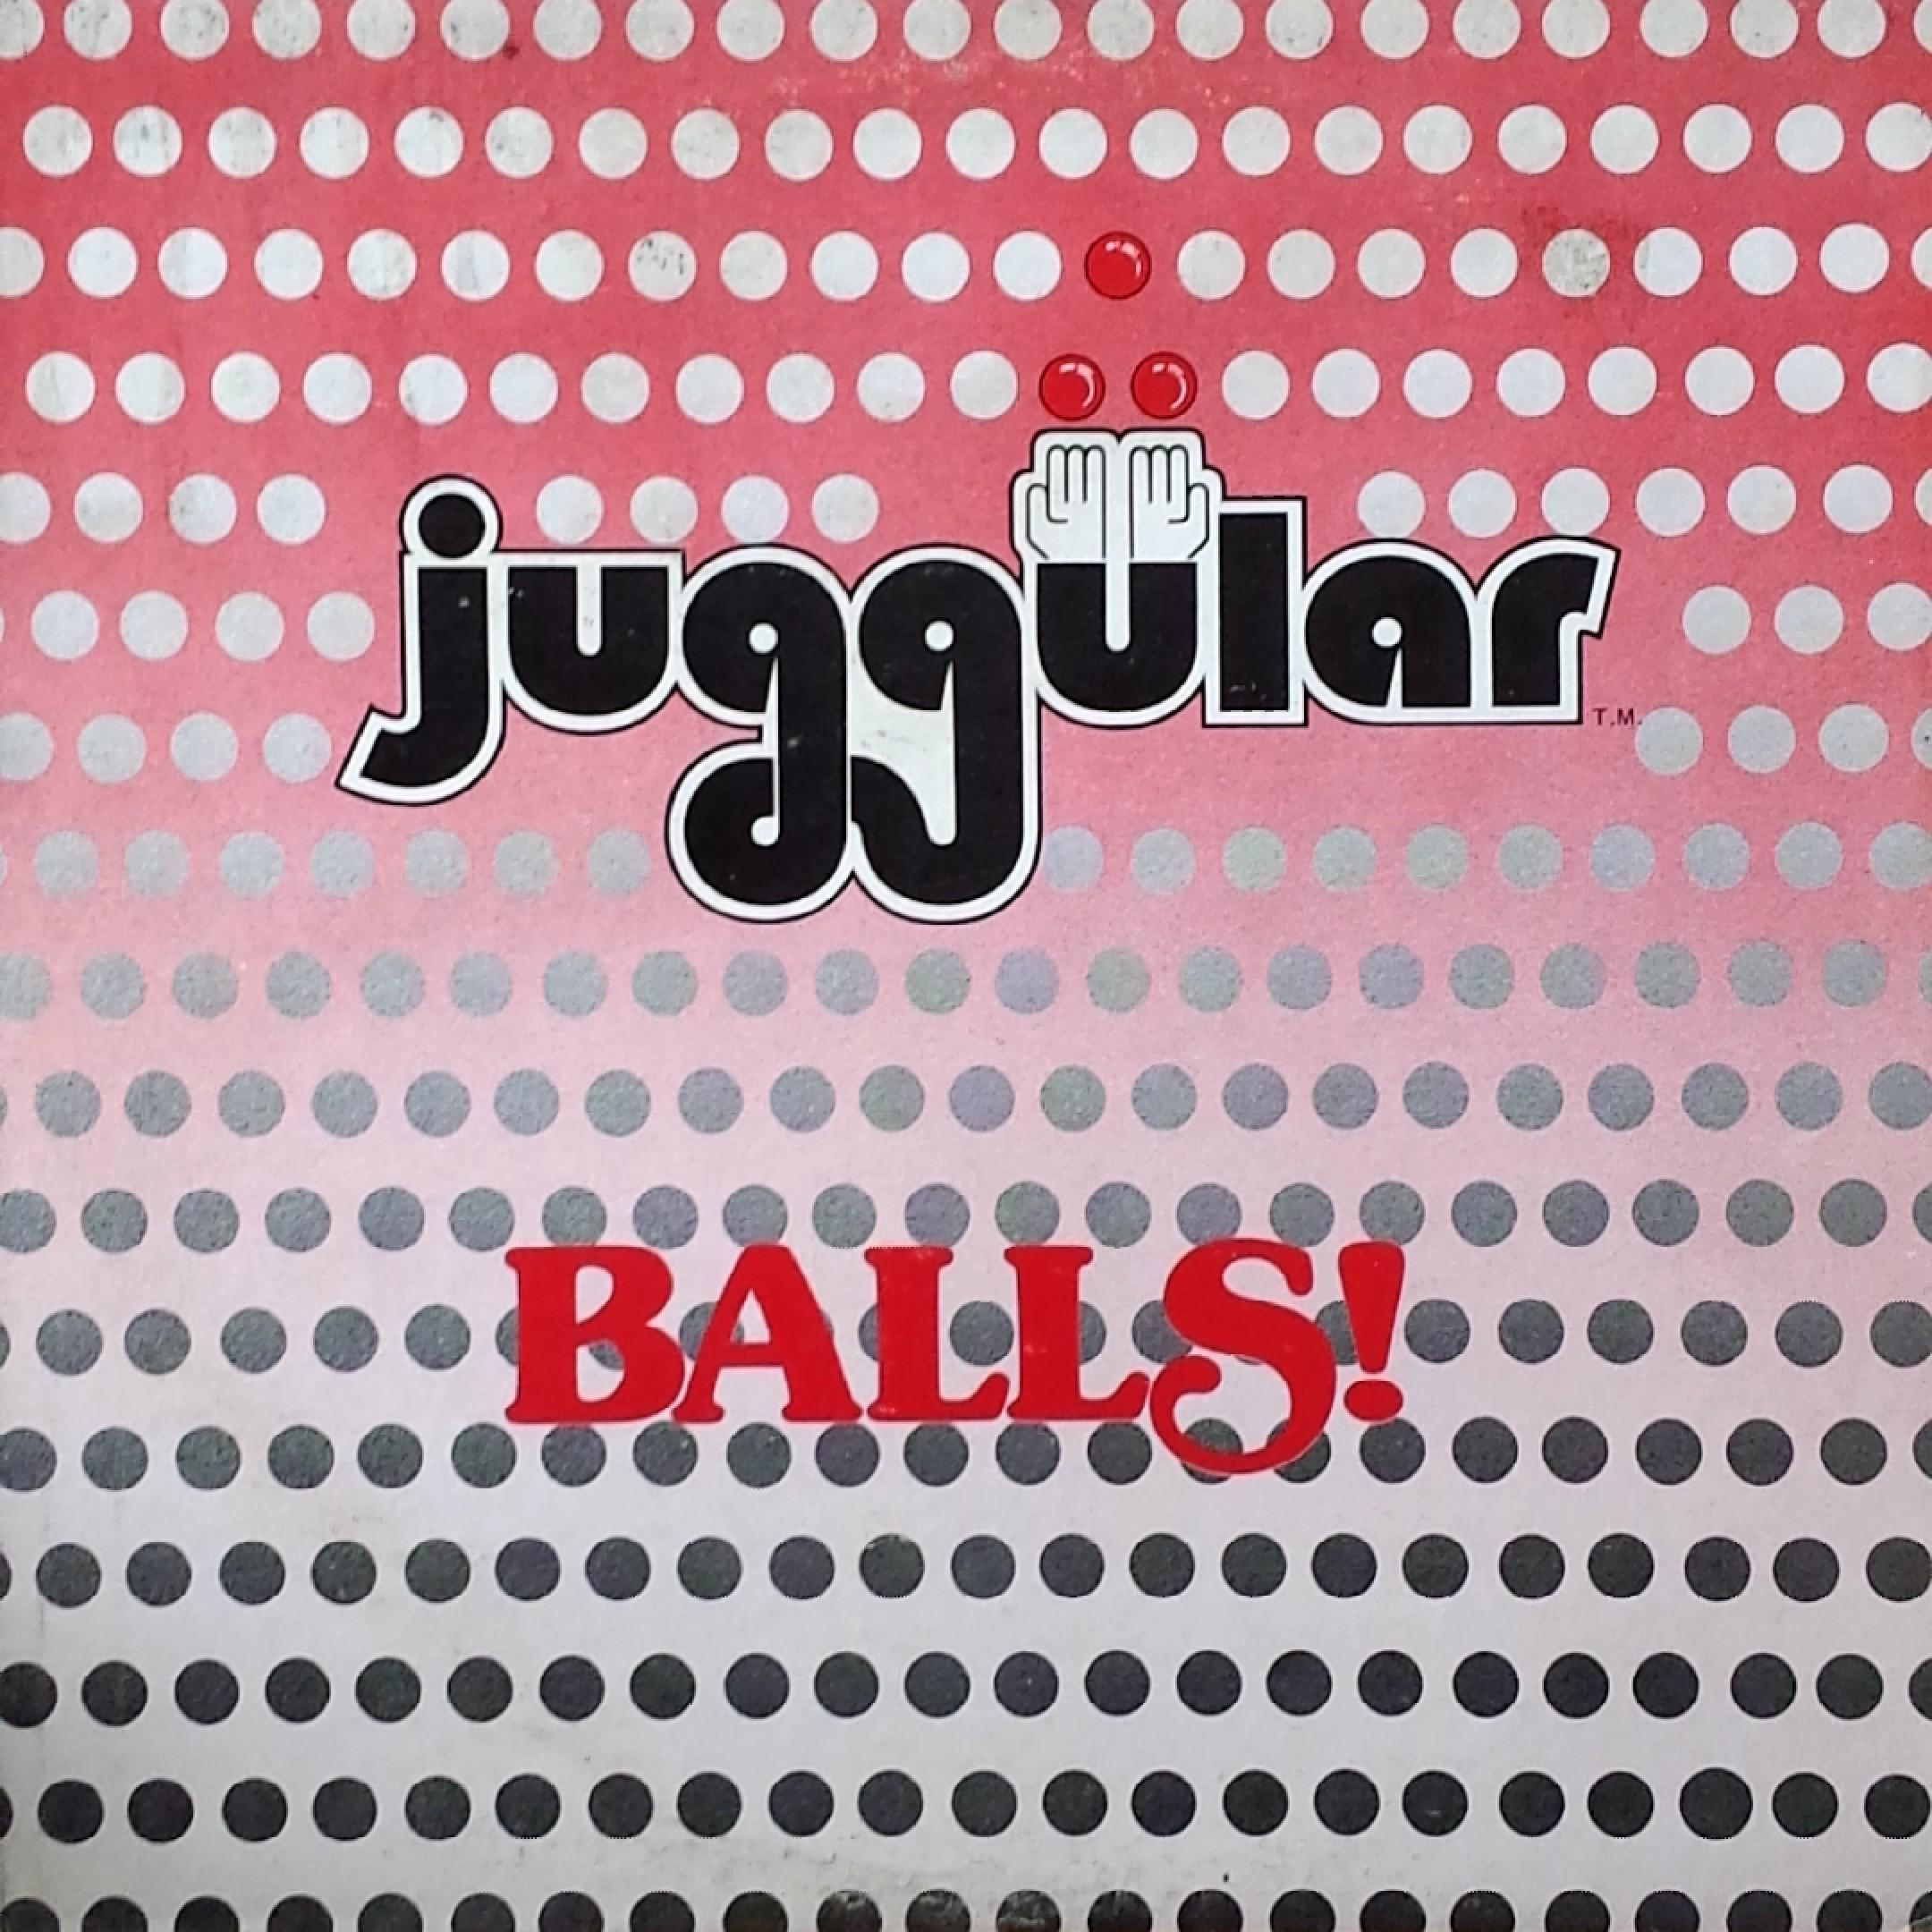 Juggular Balls